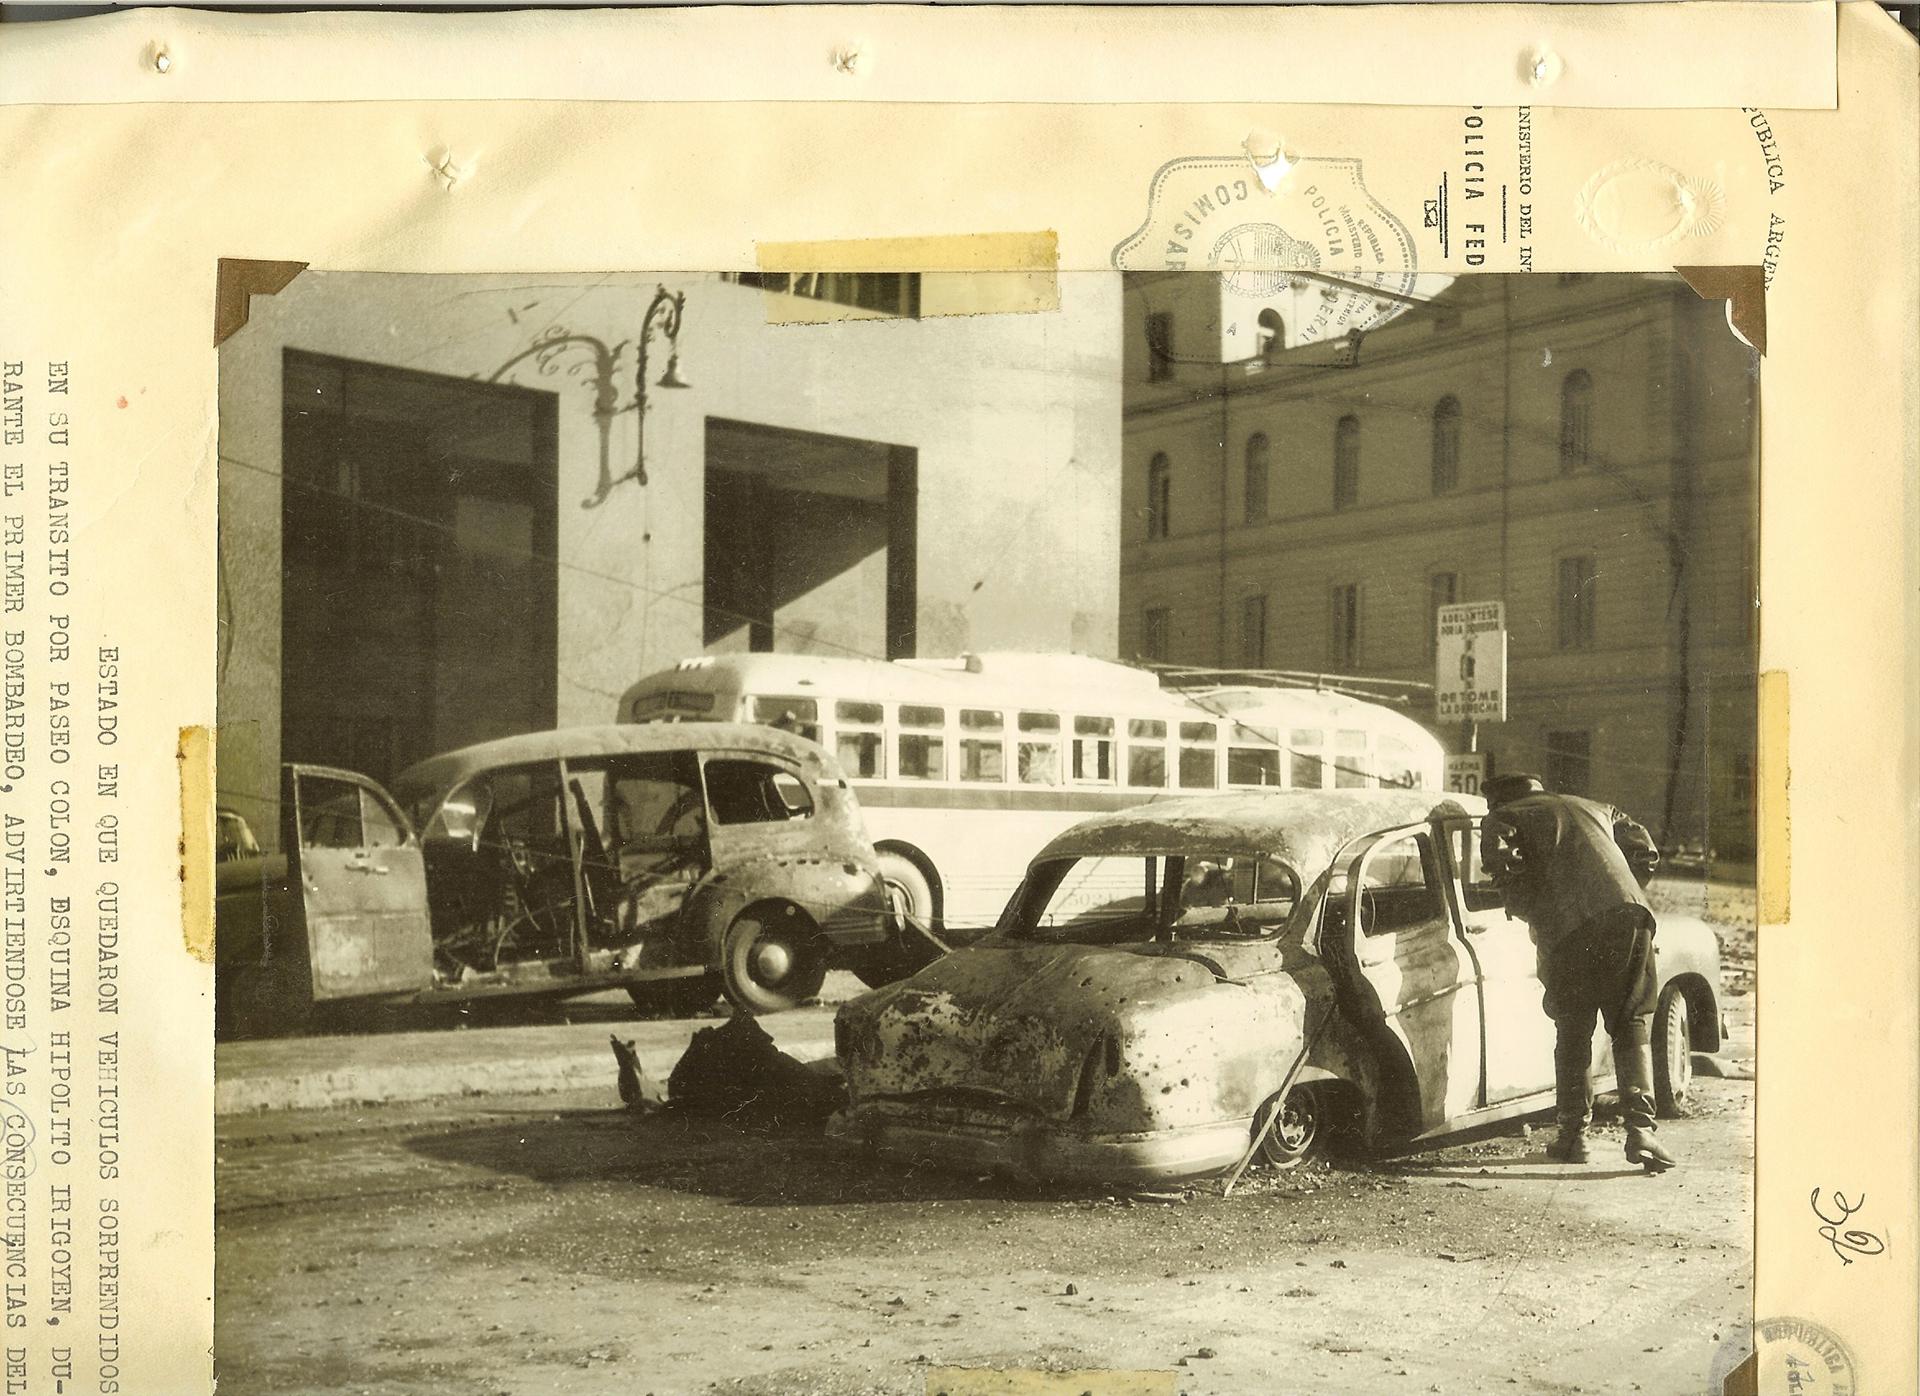 Tierra arrasada. La zona de Plaza de Mayo luego de la masacre producida por los bombardeos.